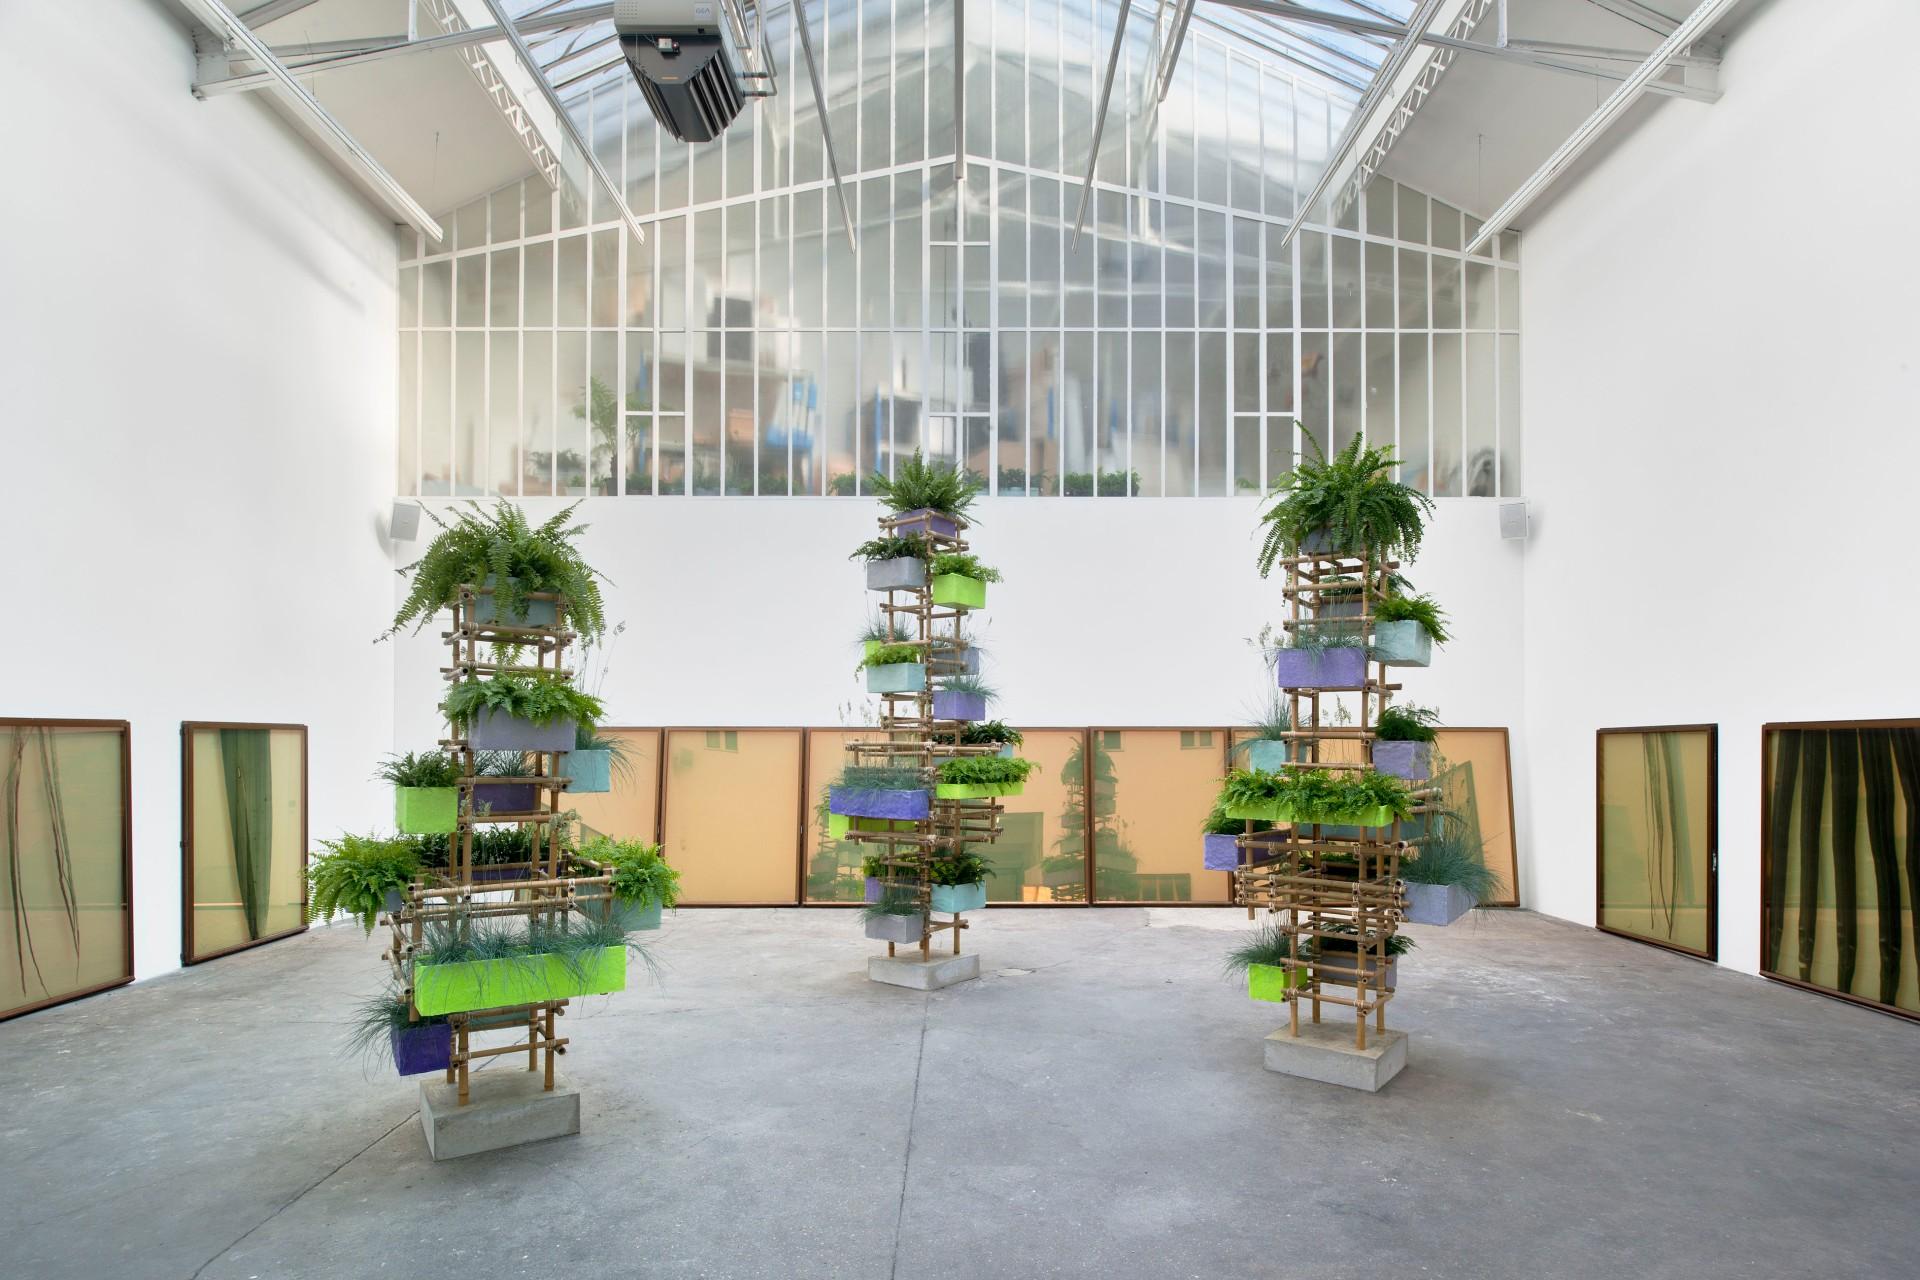 Adrien MISSIKA Impressions Botaniques vue d'exposition, Galerie Bugada & Cargnel, Paris, 2013 courtesy Galerie Bugada & Cargnel, Paris photo : Martin Argyroglo